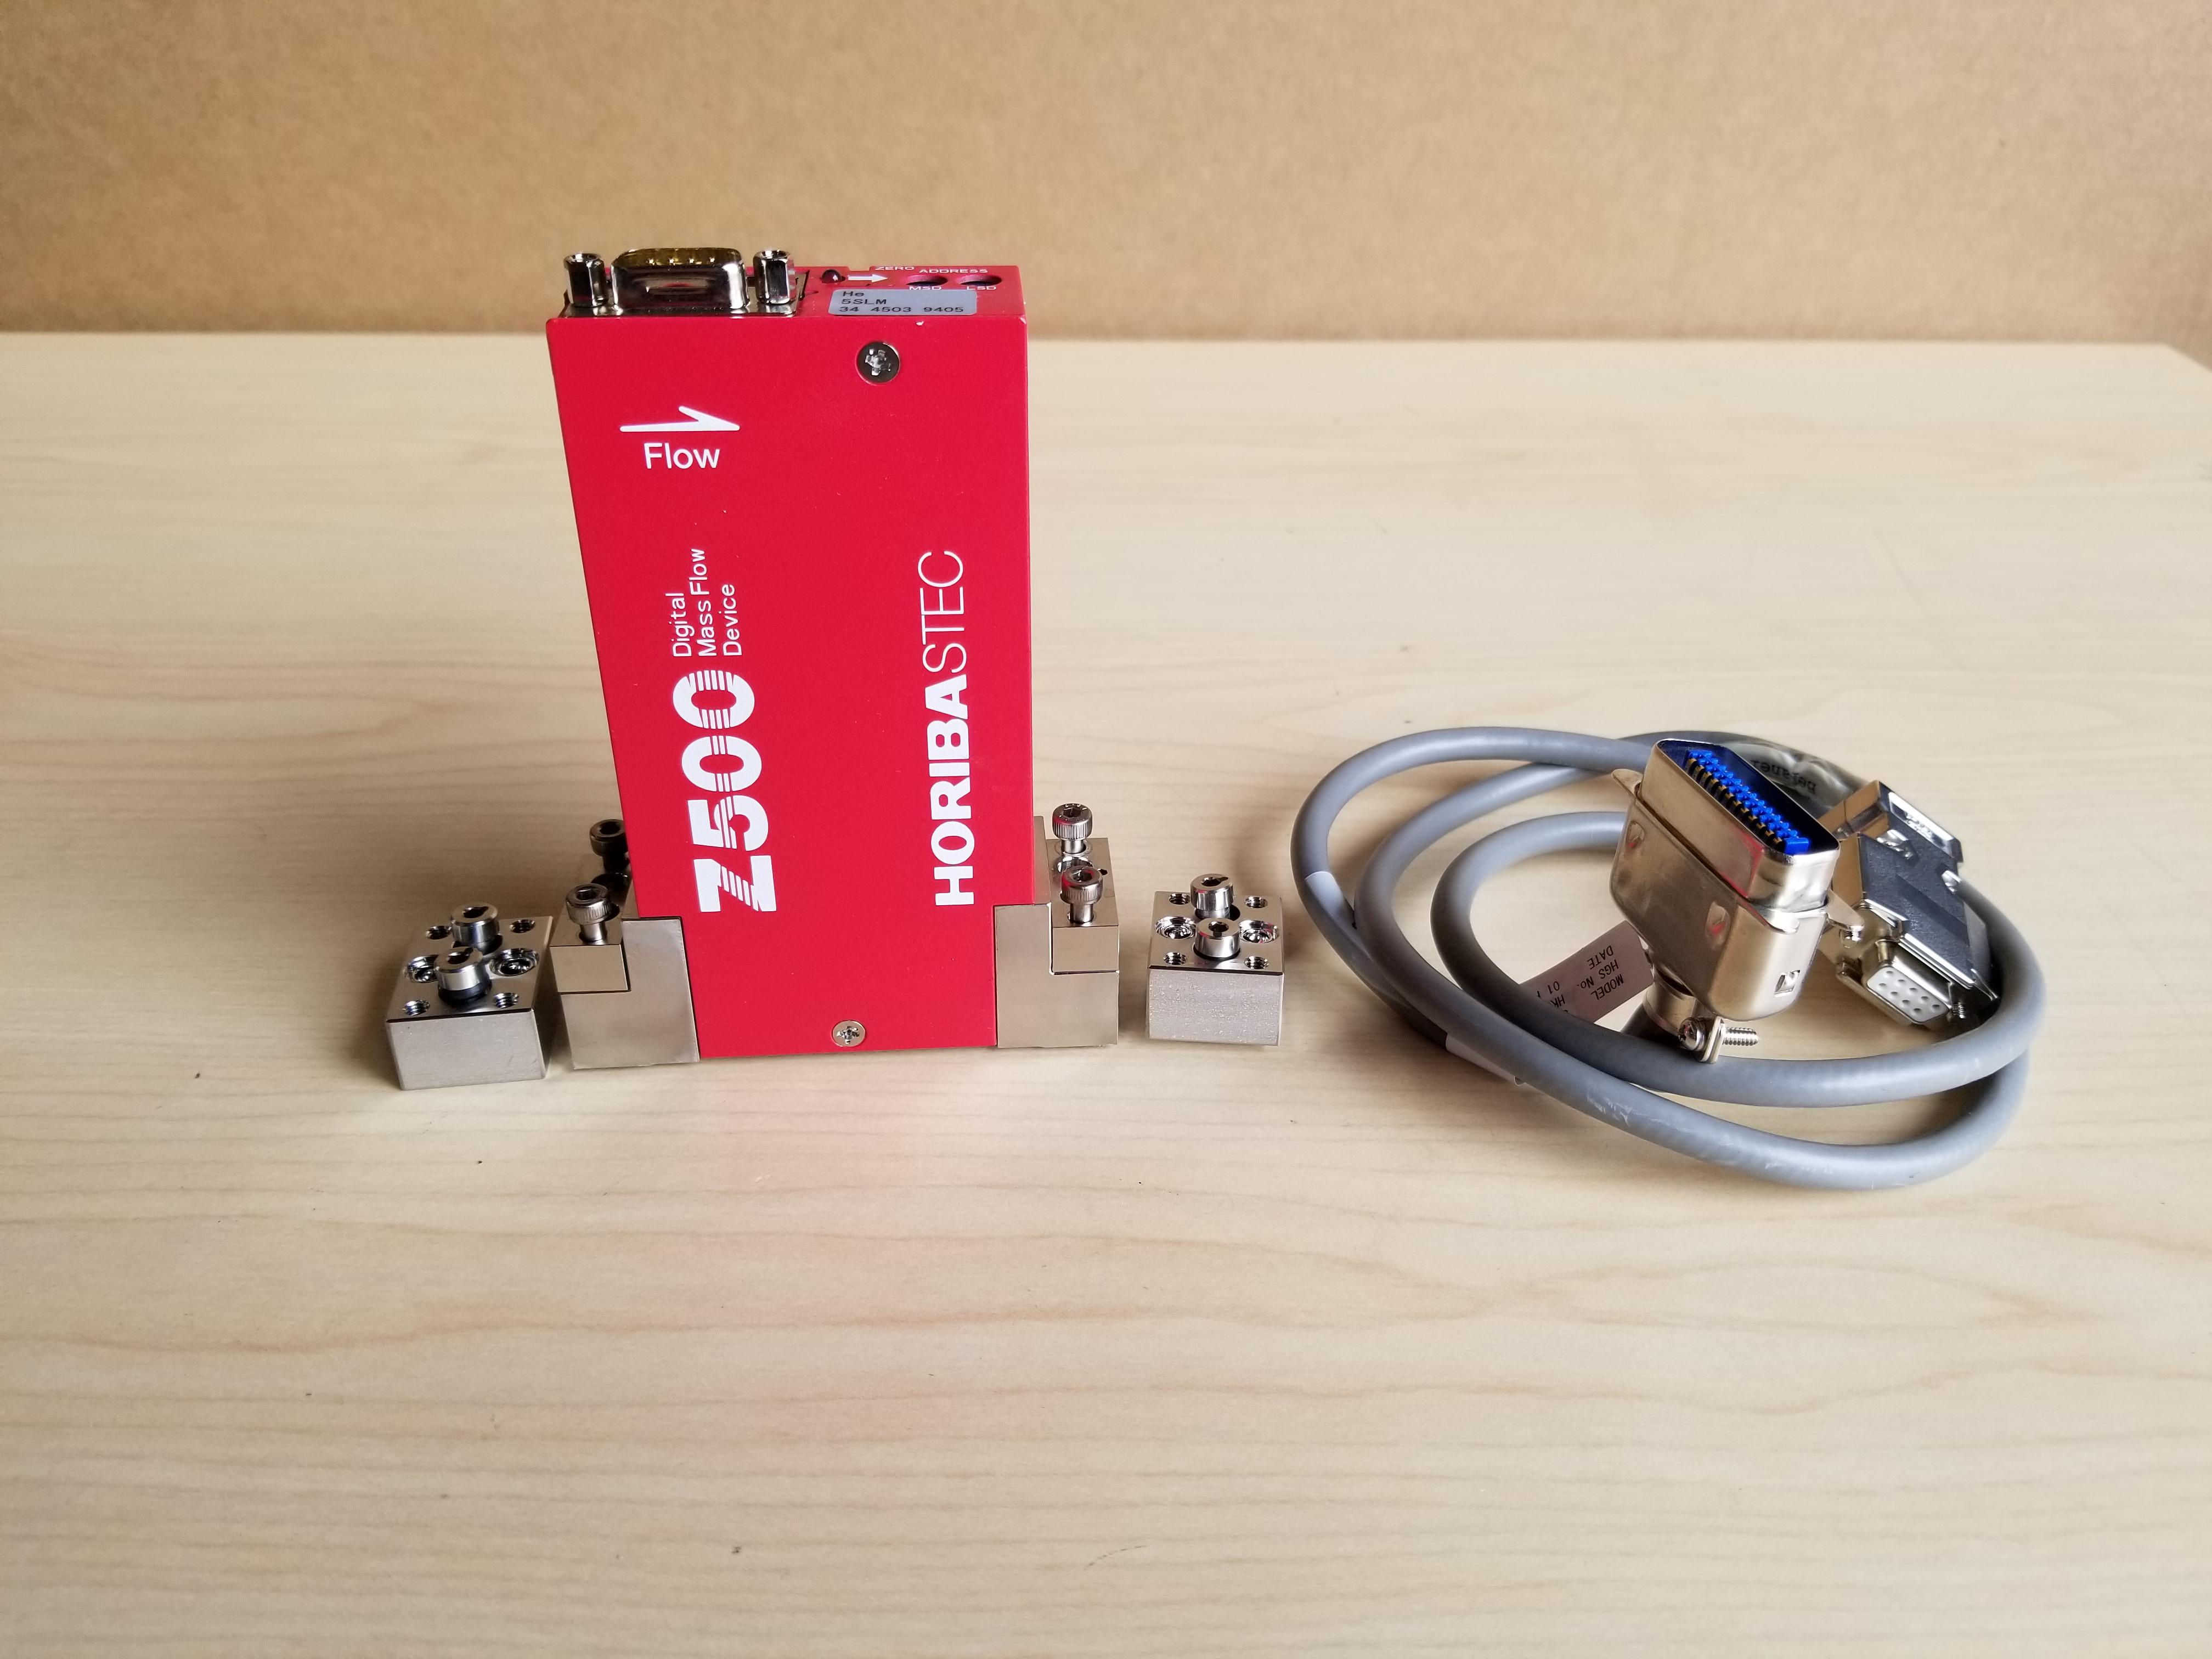 Horiba STEC Z500 Digital Mass Flow Controller